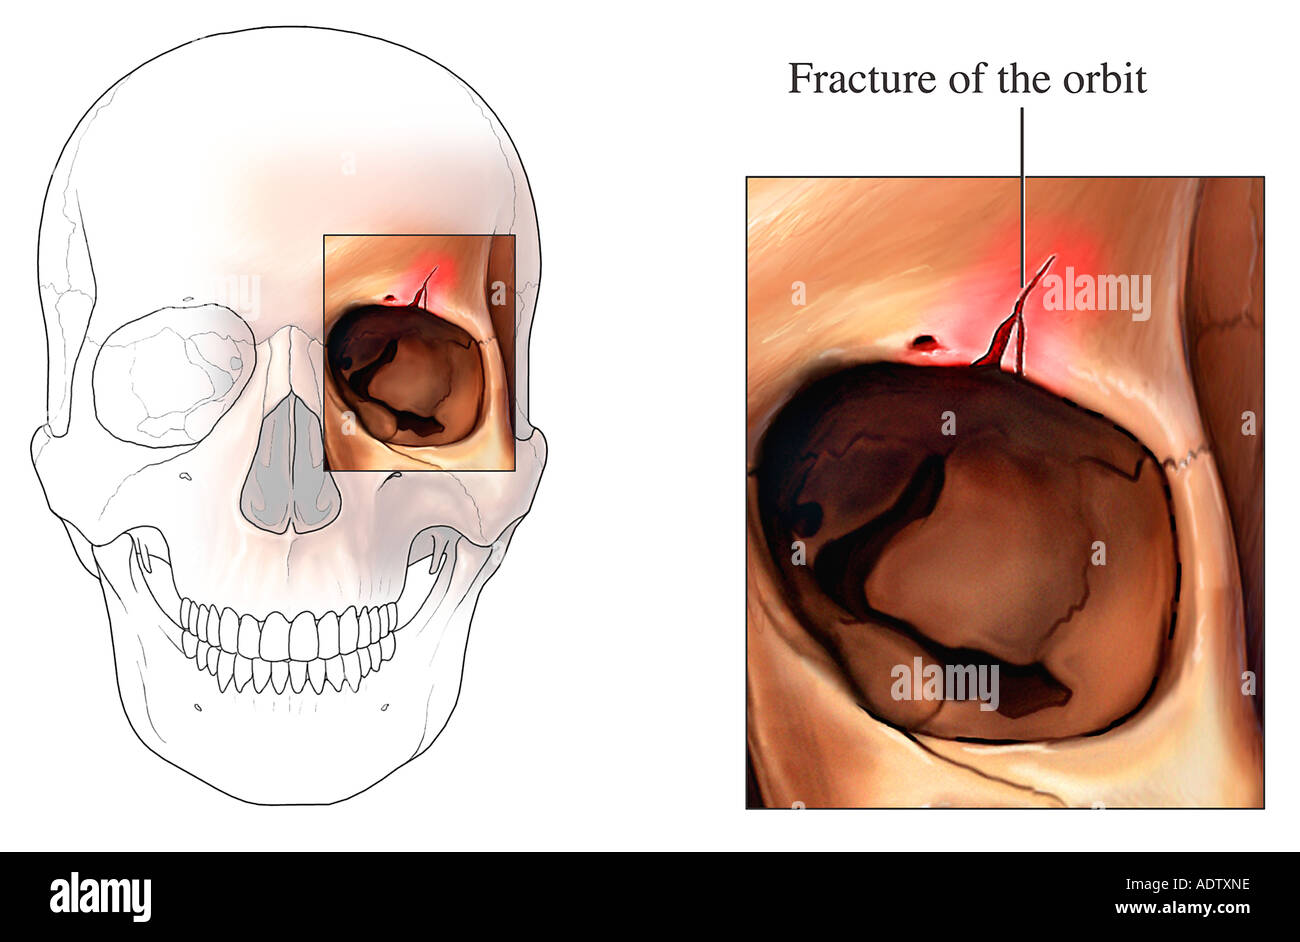 Niedlich Knöcherne Anatomie Orbit Ideen - Anatomie Ideen - finotti.info